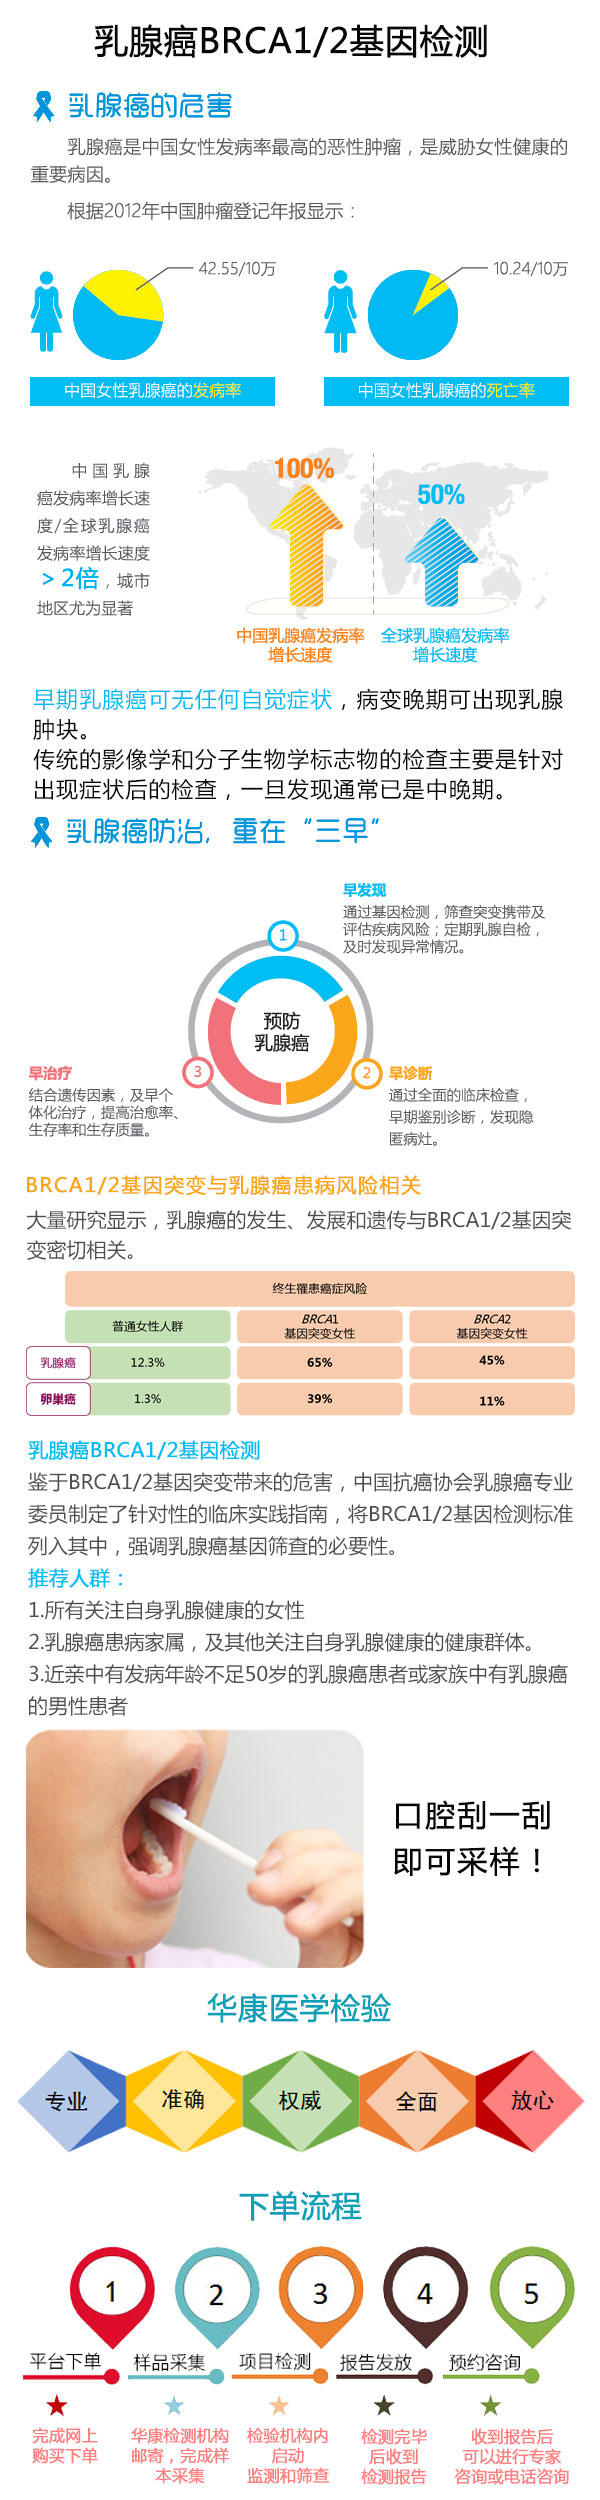 乳腺癌BRCA1_2基因检测.jpg